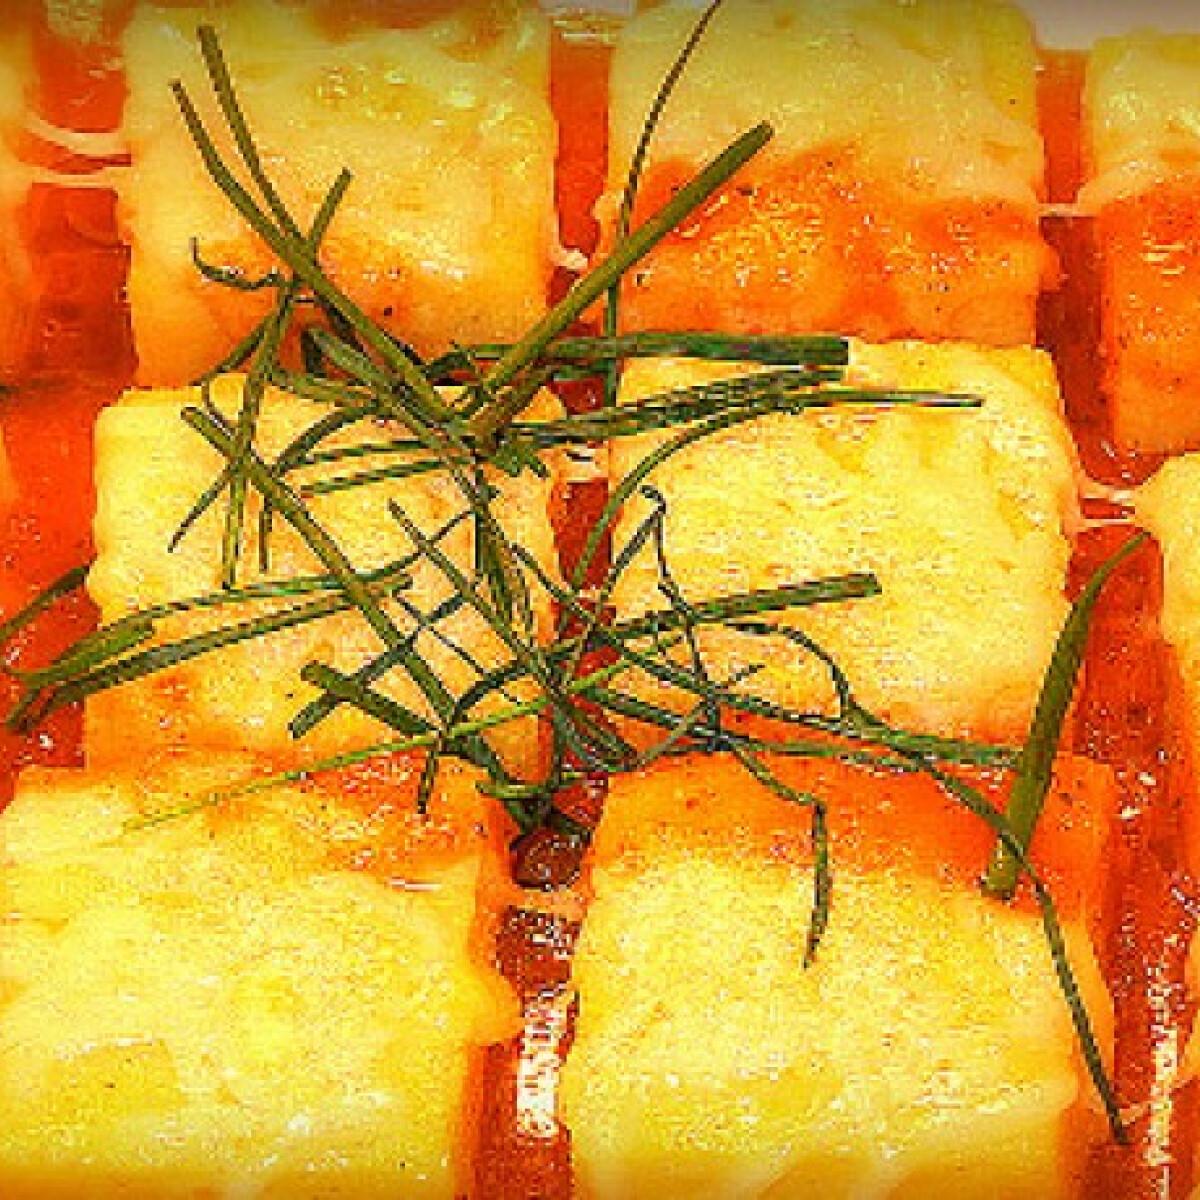 Márványsajttal gratinírozott polenta